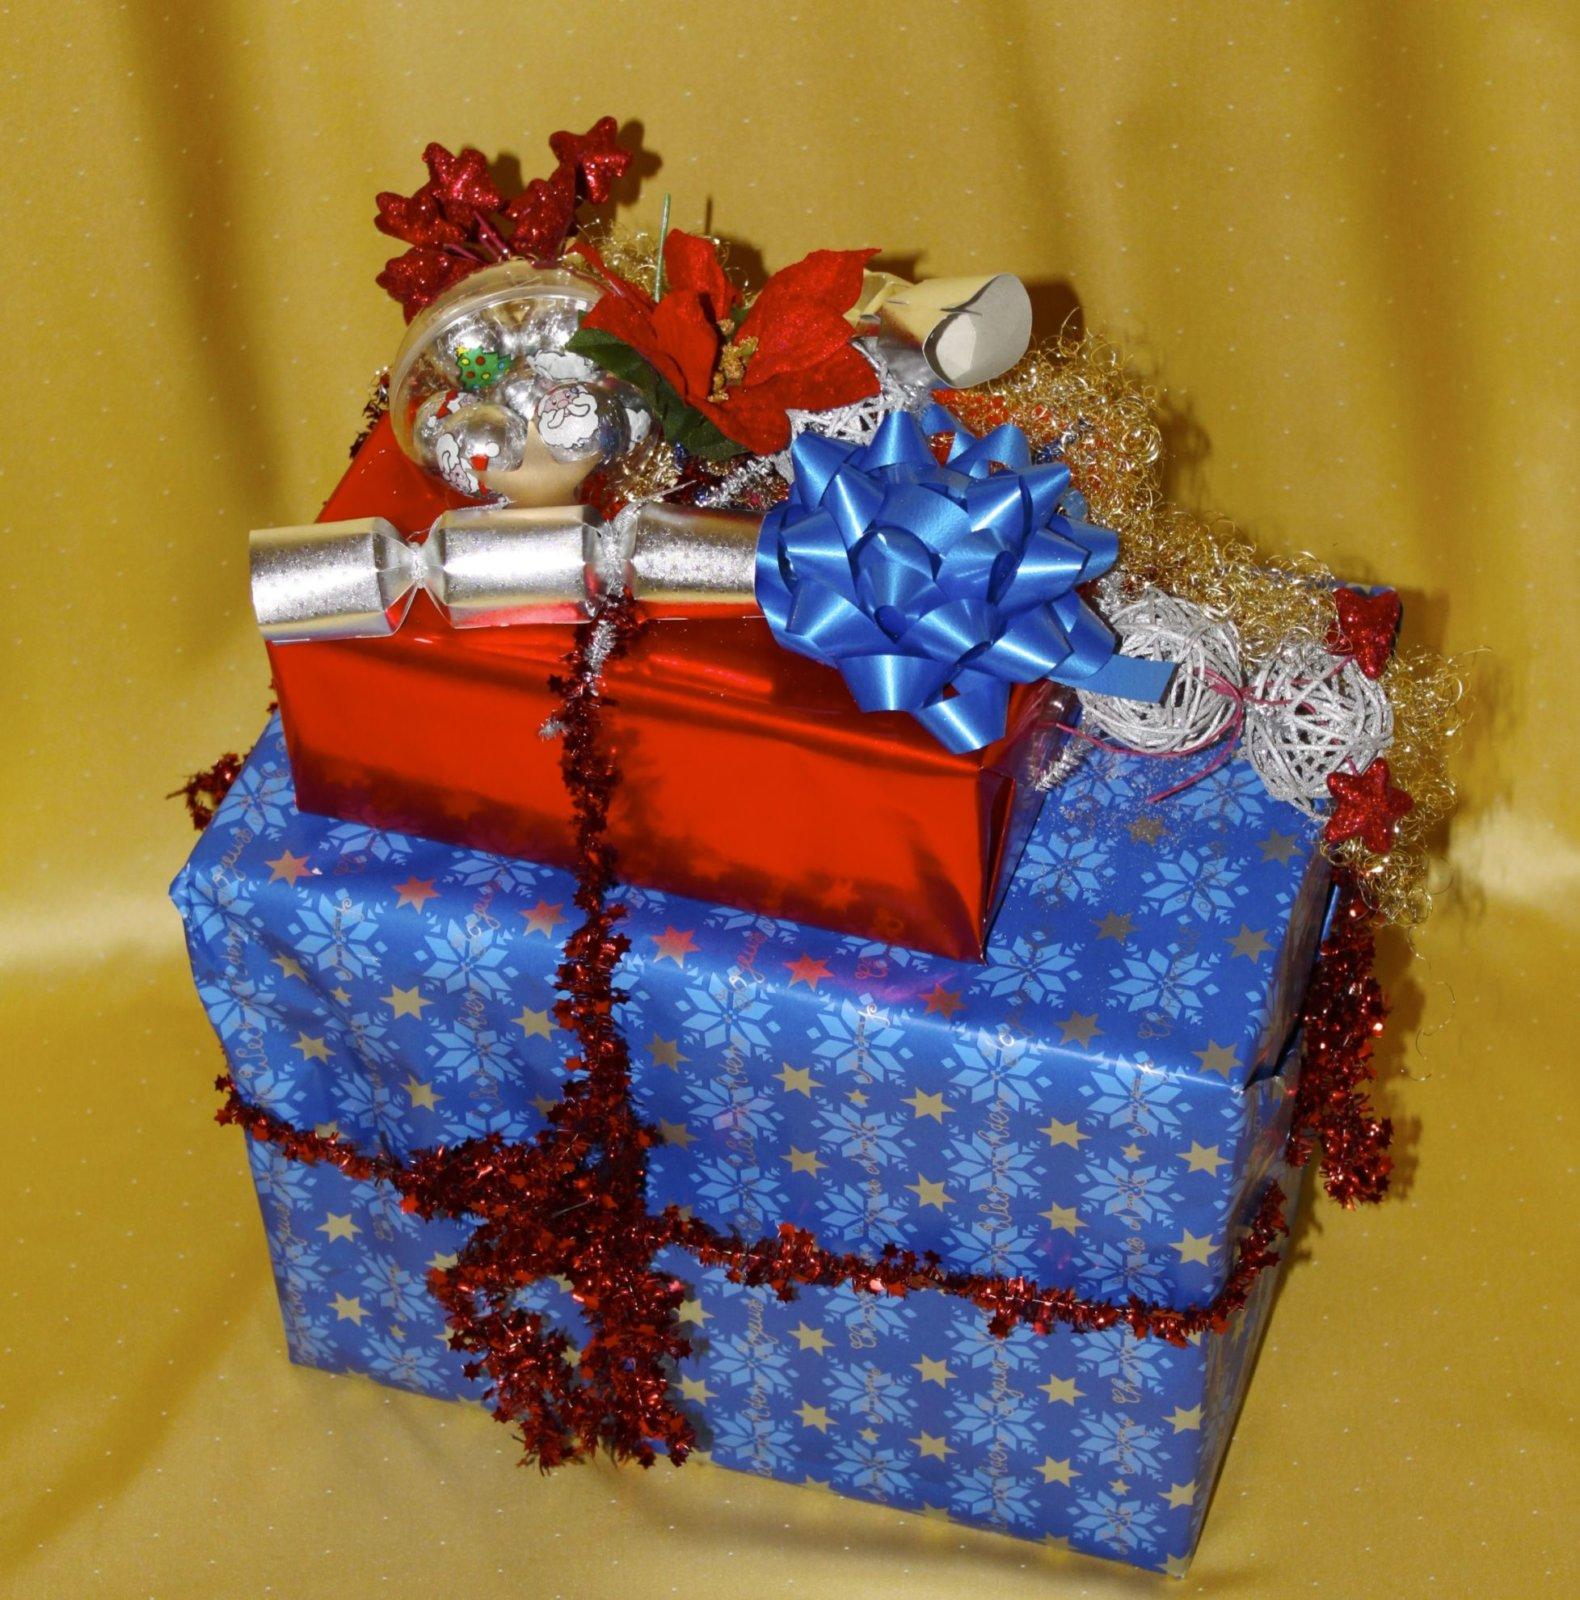 Geschenke Service Berlin - Blaues Geschenk